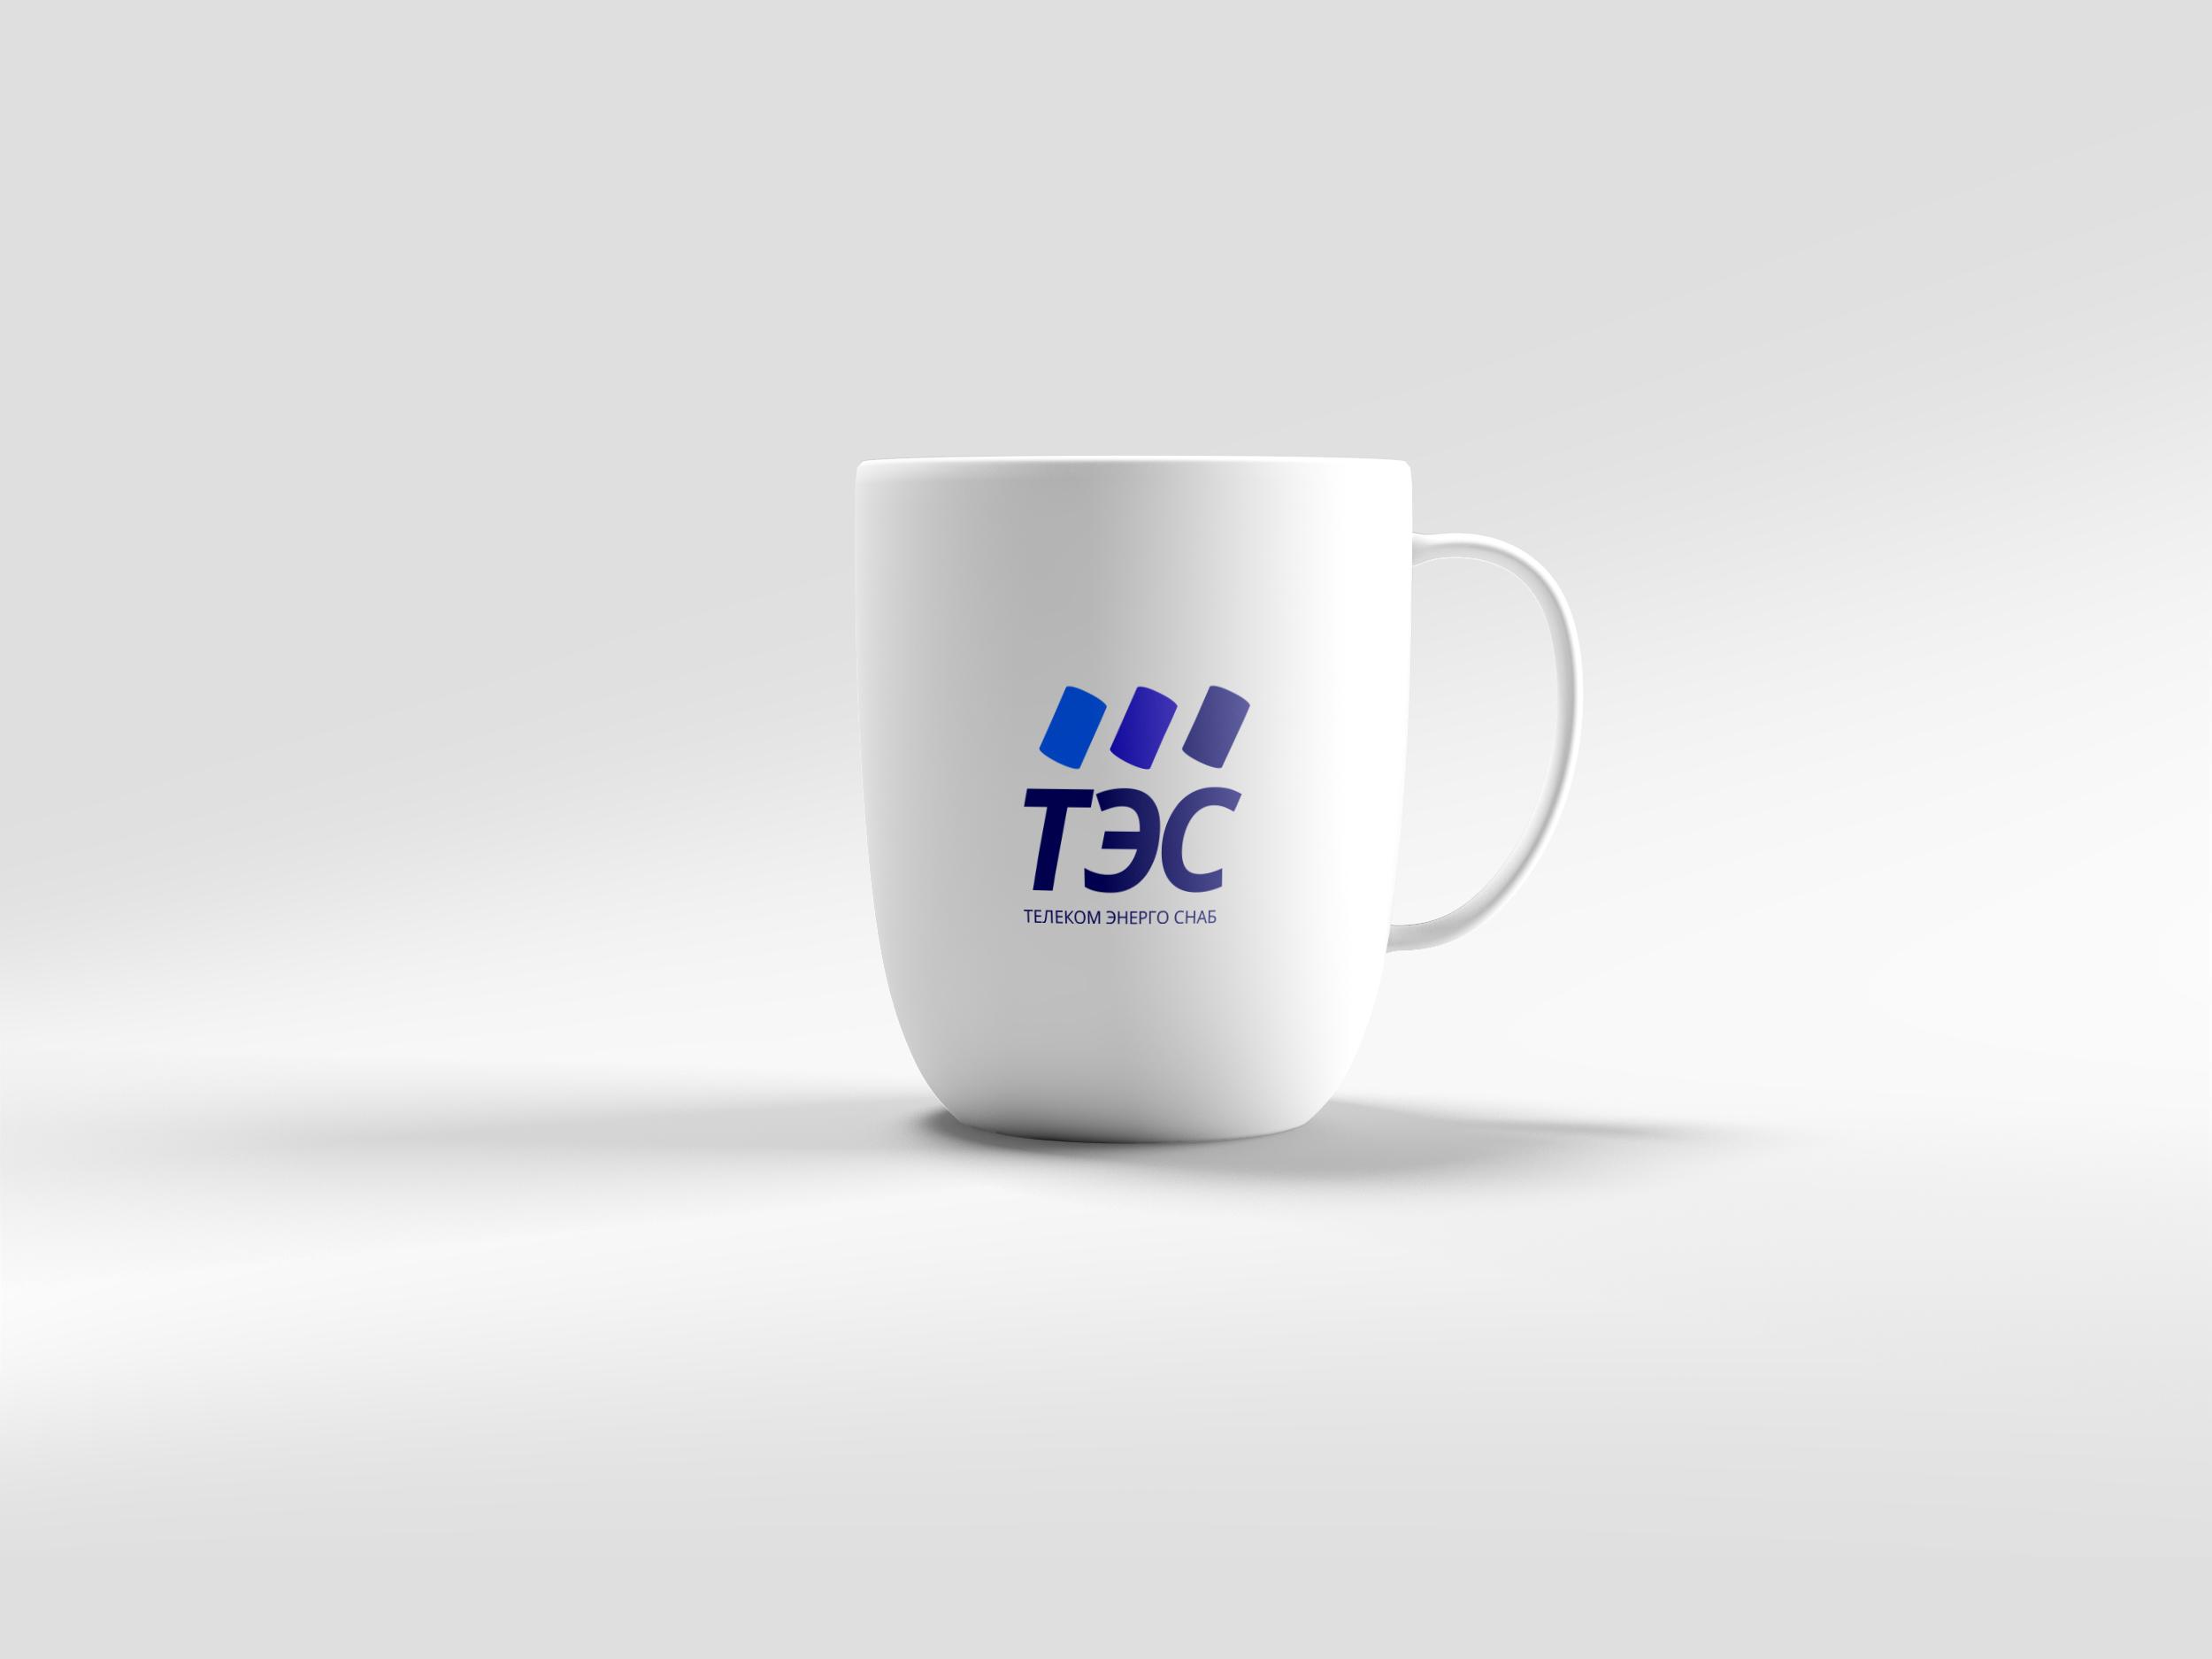 """Логотип для компании строительных коммуникаций """"ТЭС""""."""